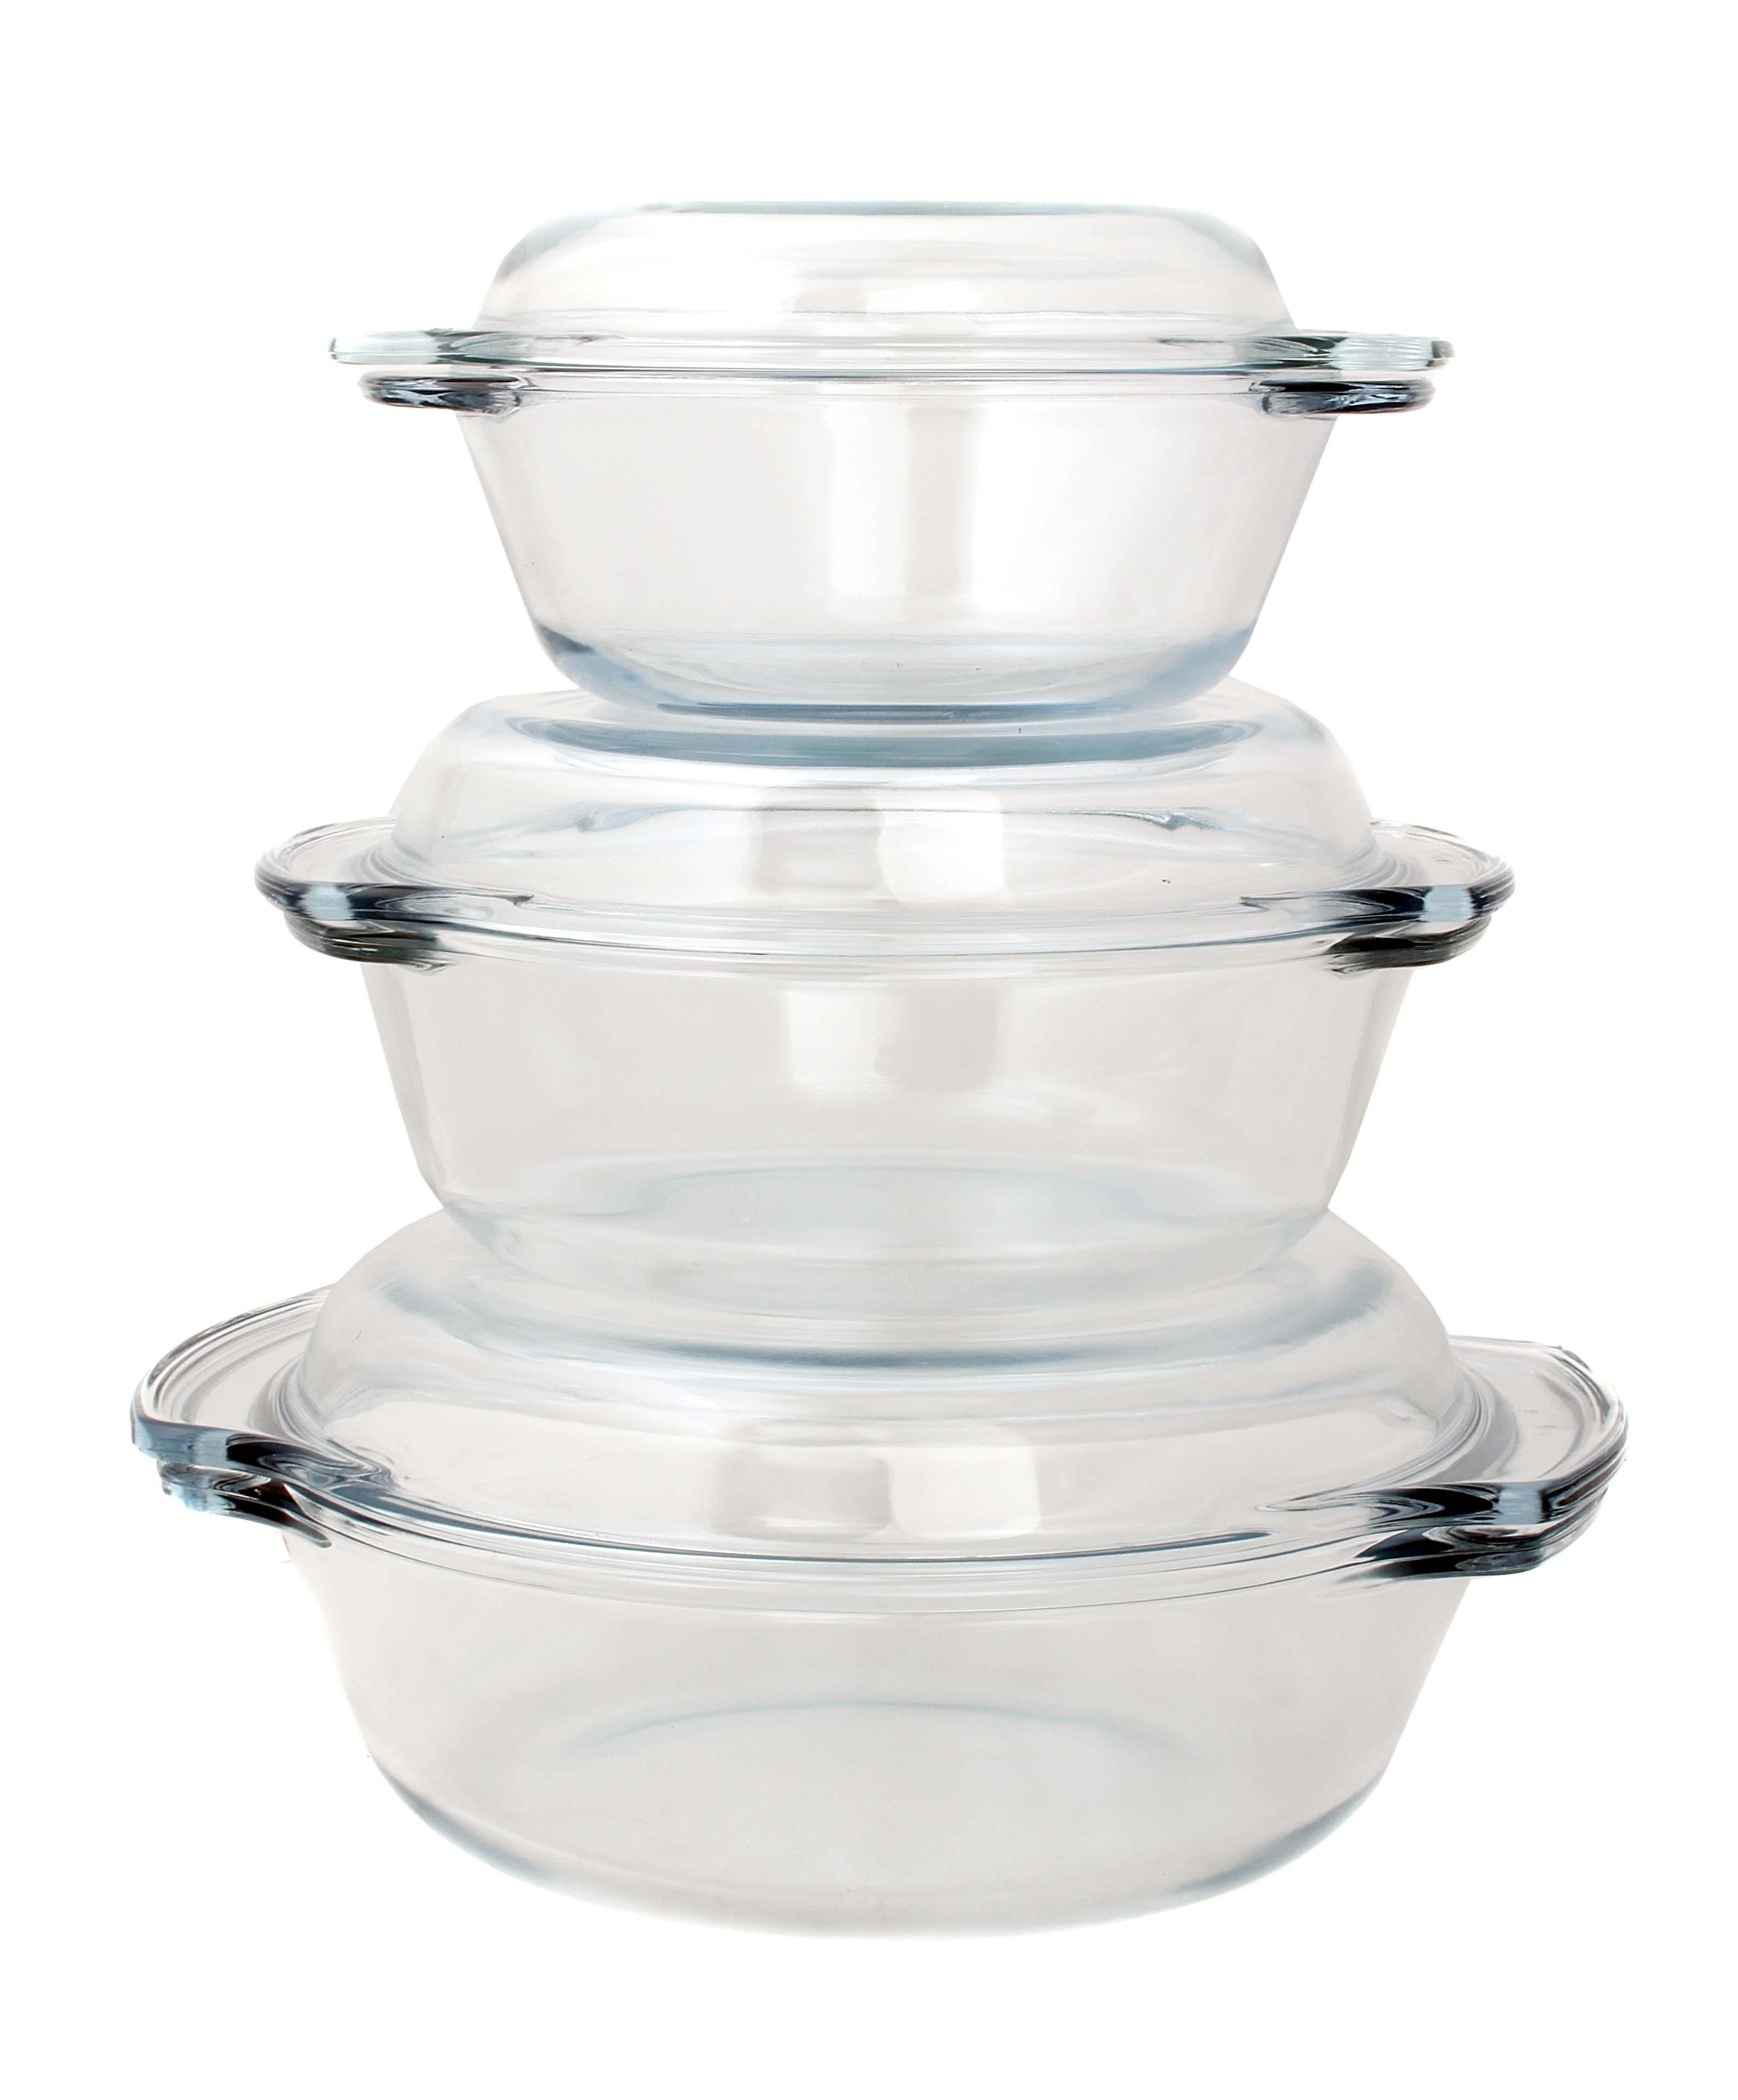 Жаропрочная посуда для готовки в СВЧ Termisil